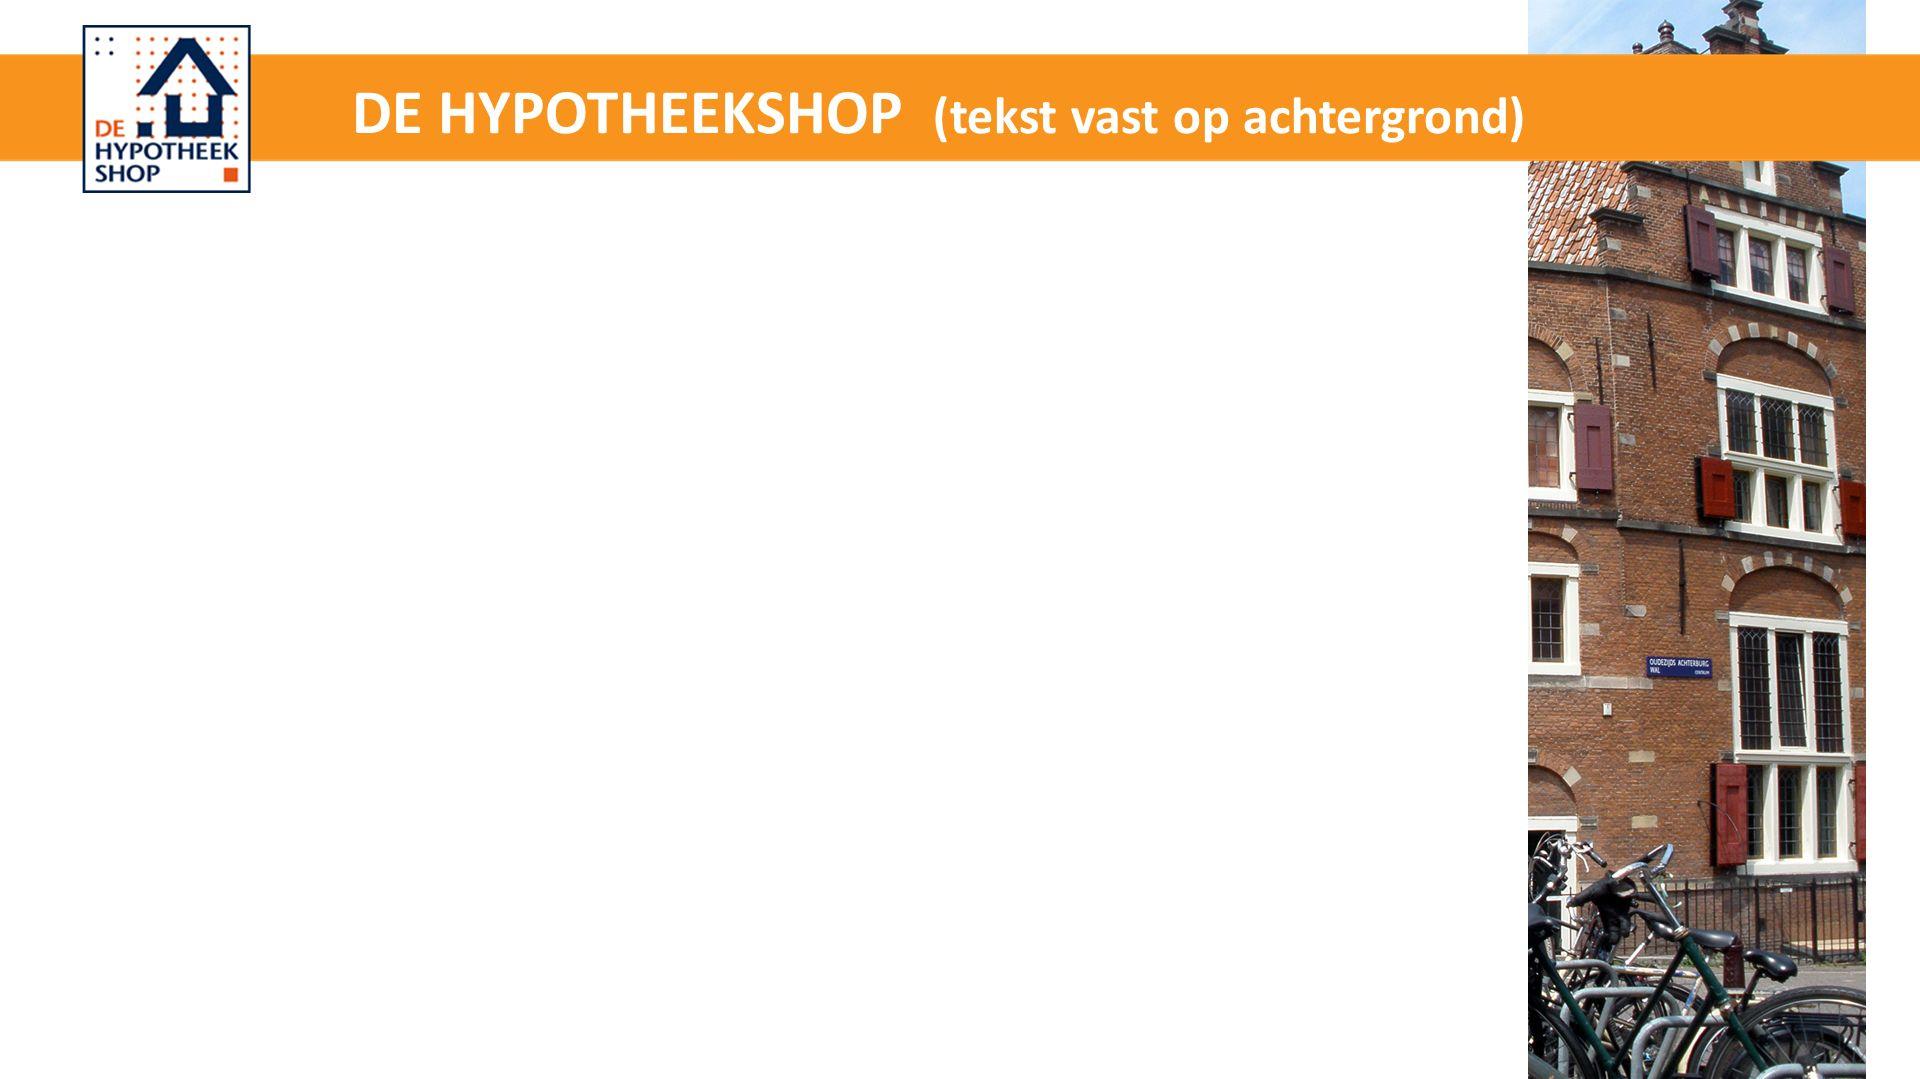 DE HYPOTHEEKSHOP (tekst vast op achtergrond)